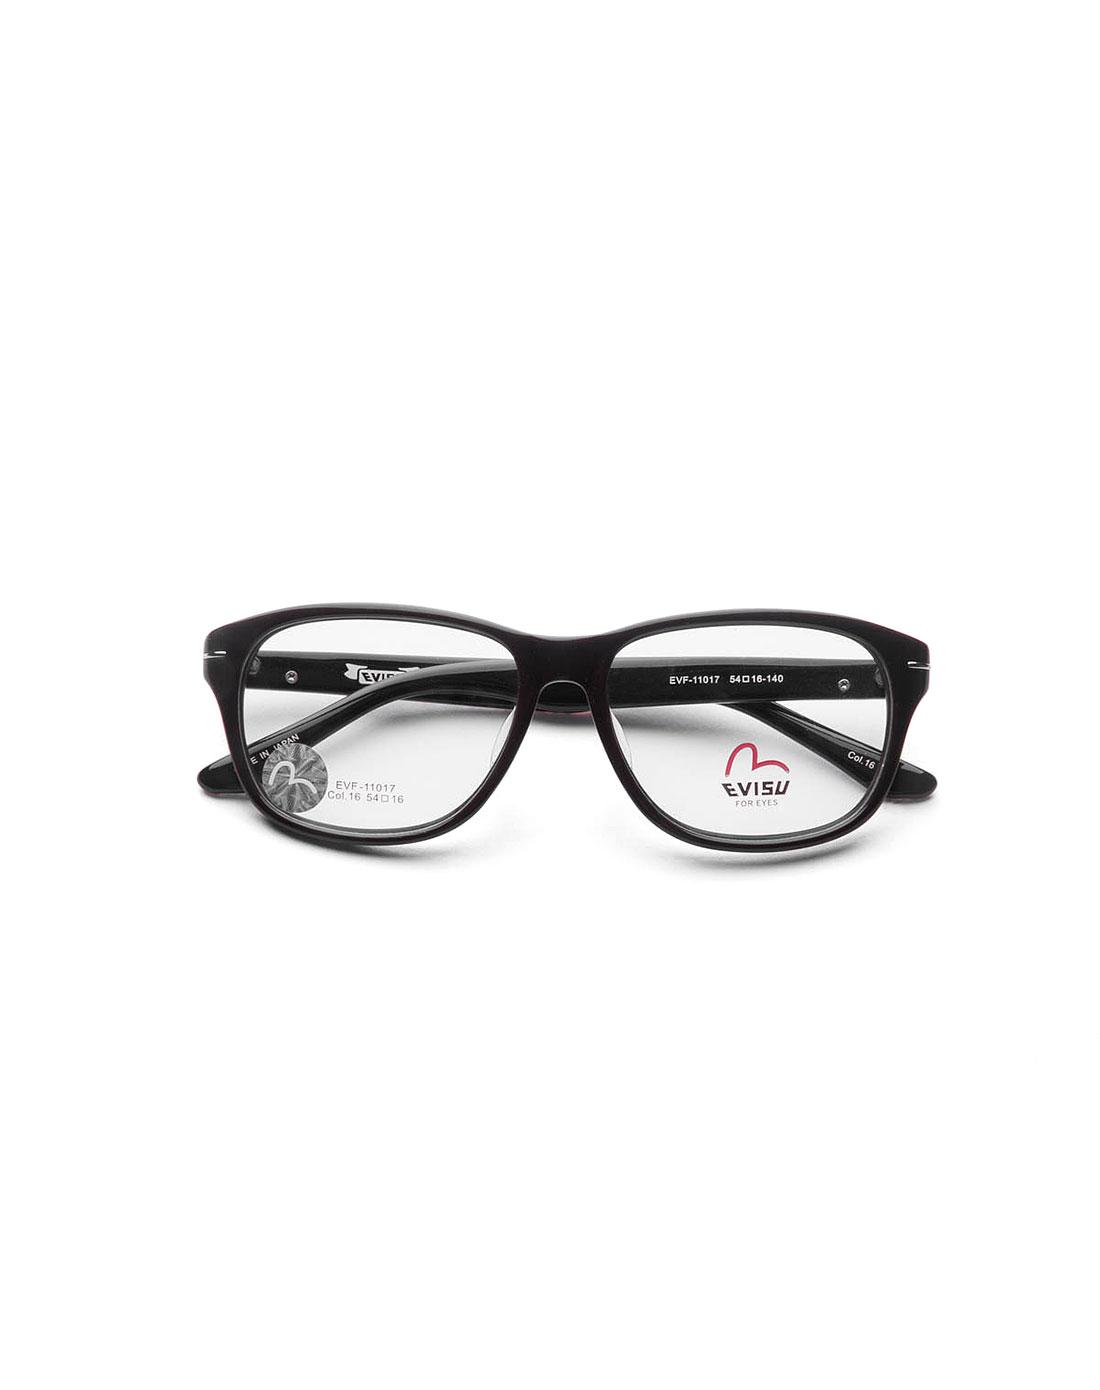 惠美寿evisu眼镜专场经典边框黑色全框眼镜evf-11017